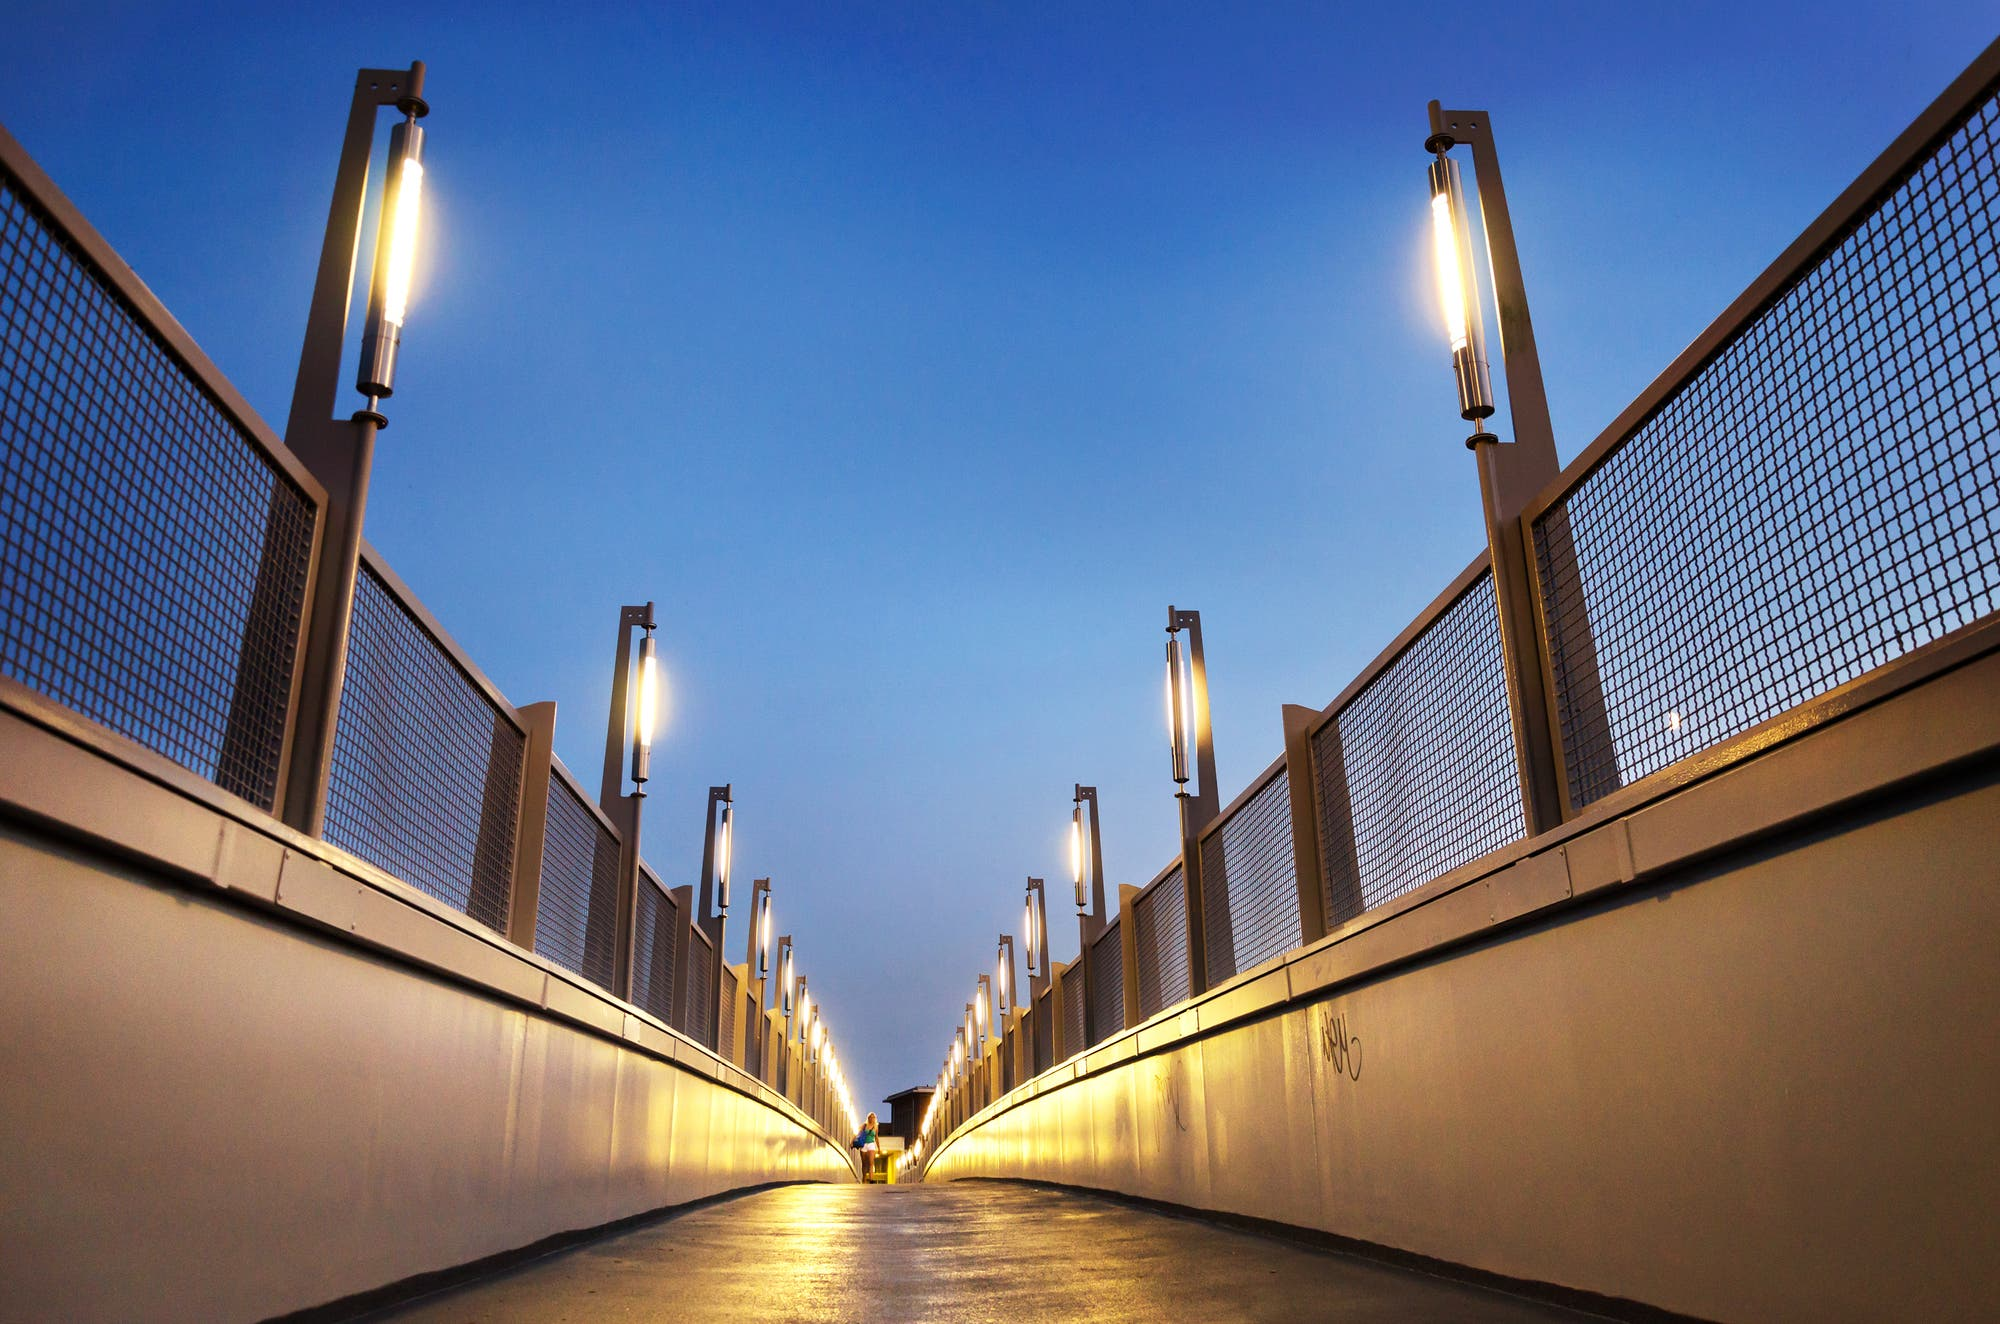 Beleuchtete Fußgängerbrücke sorgt für Lichtverschmutzung